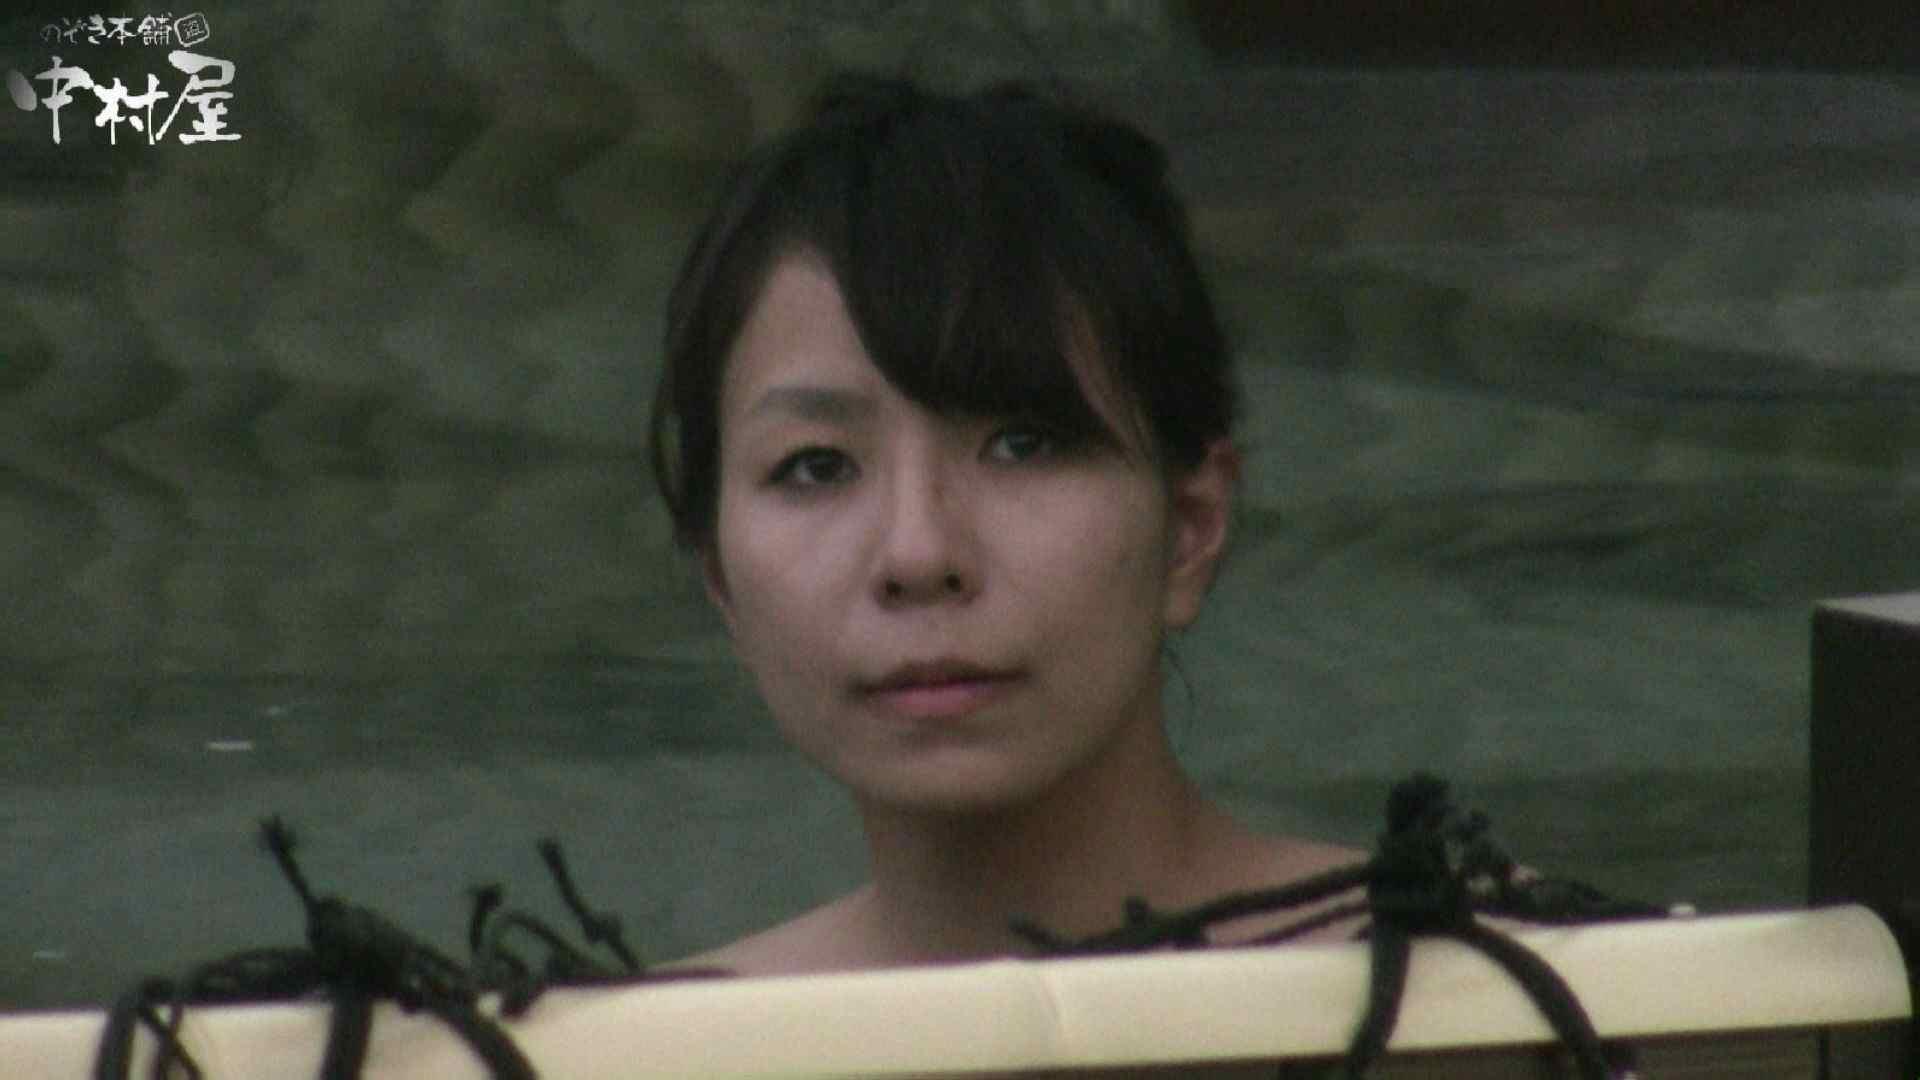 Aquaな露天風呂Vol.930 露天   盗撮  72pic 52